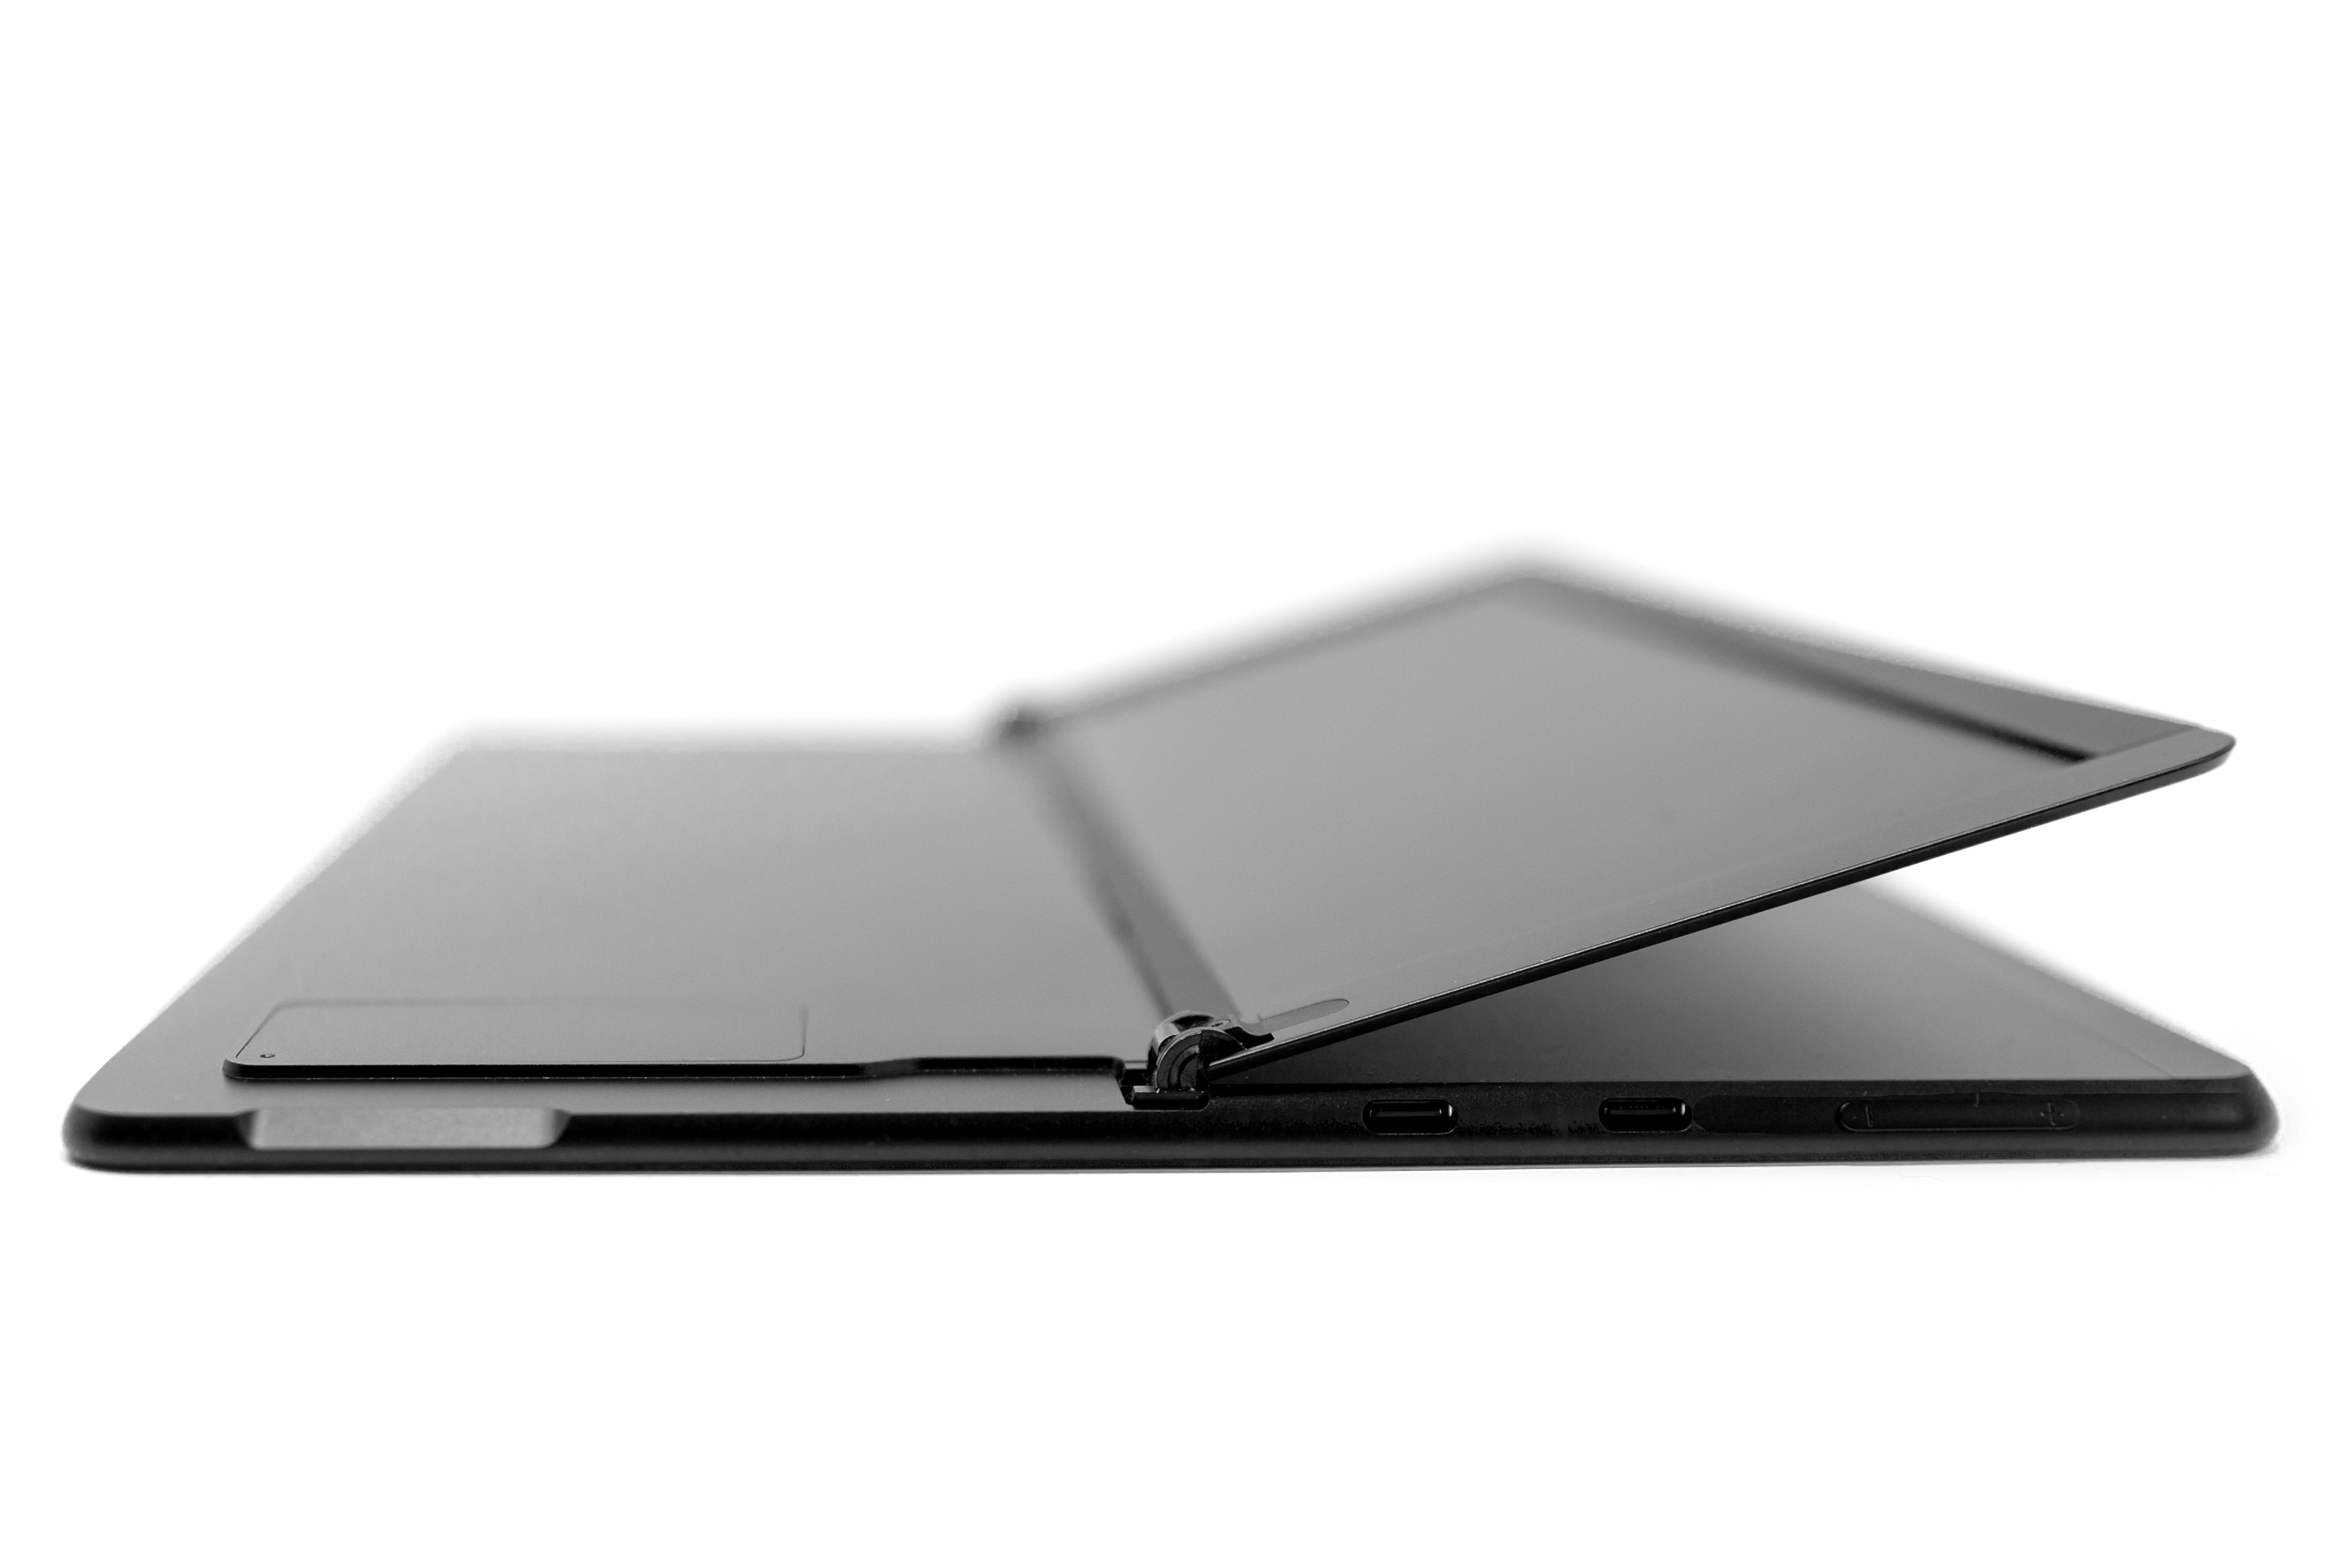 Ein Surface ProX mit angehobenem Klappständer, sodass die SIM-Abdeckung zu sehen ist.